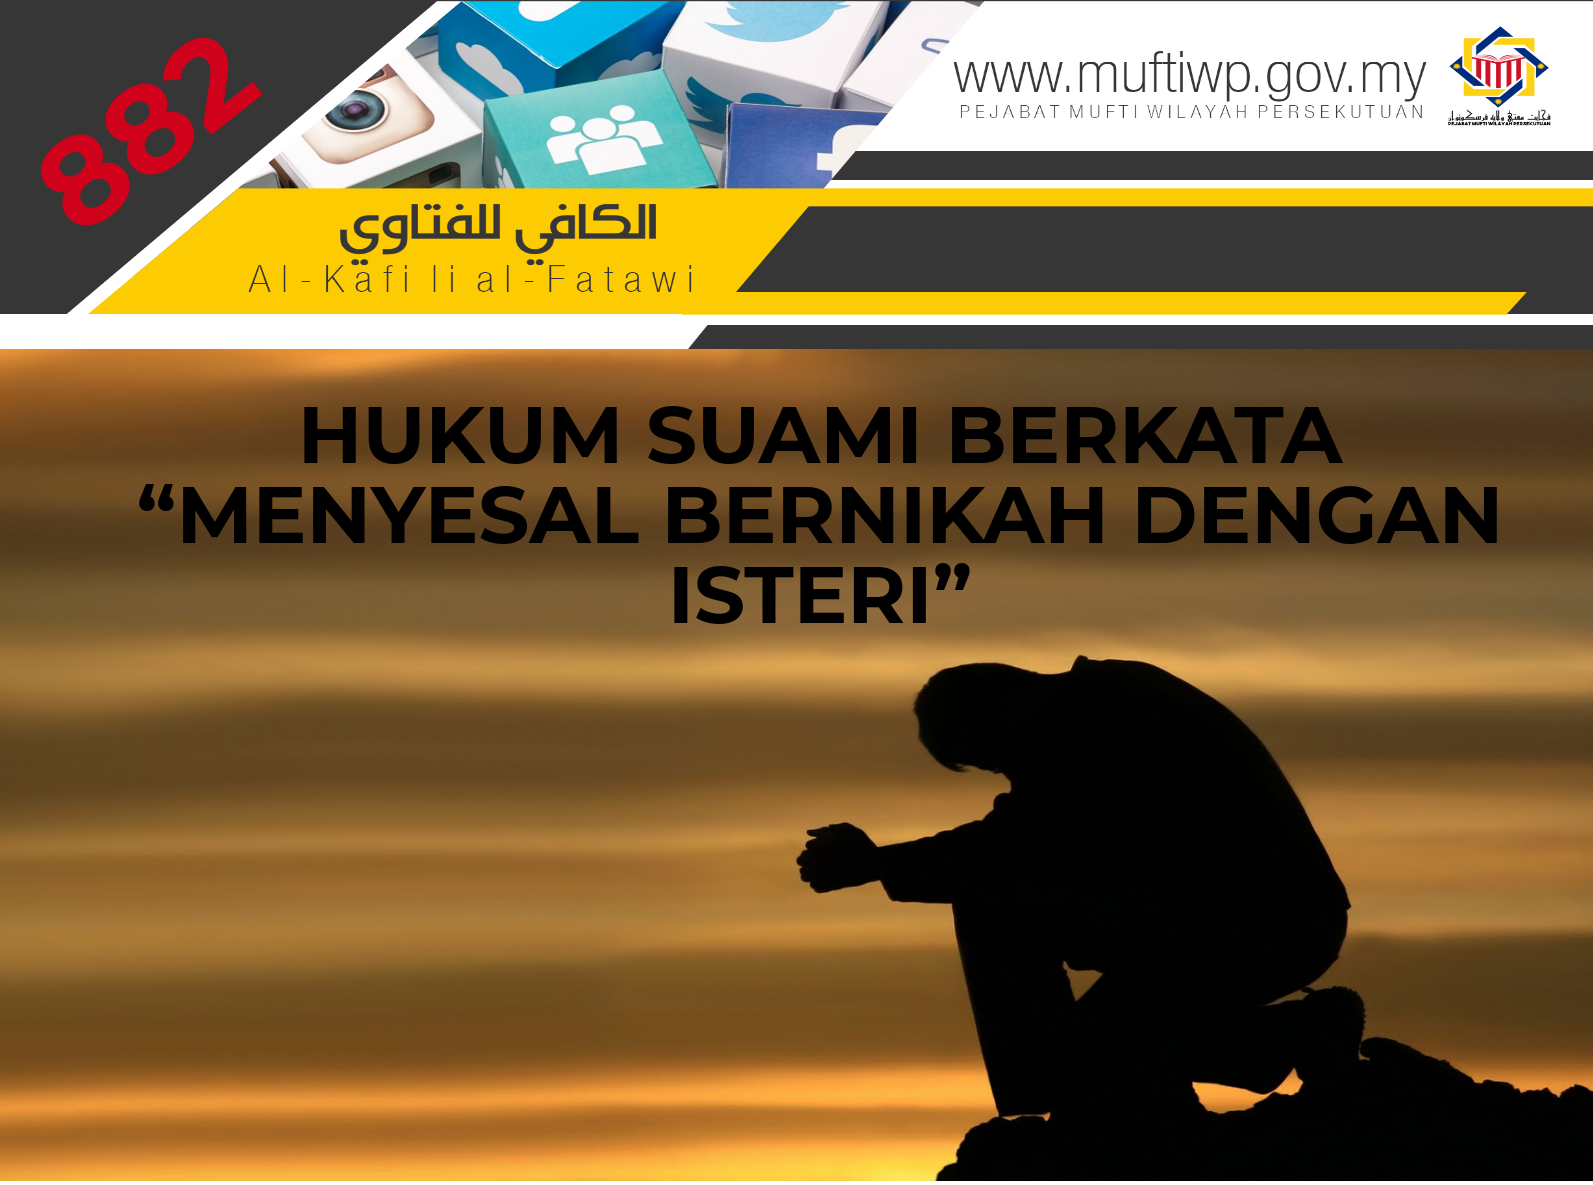 Pejabat Mufti Wilayah Persekutuan Al Kafi 884 Hukum